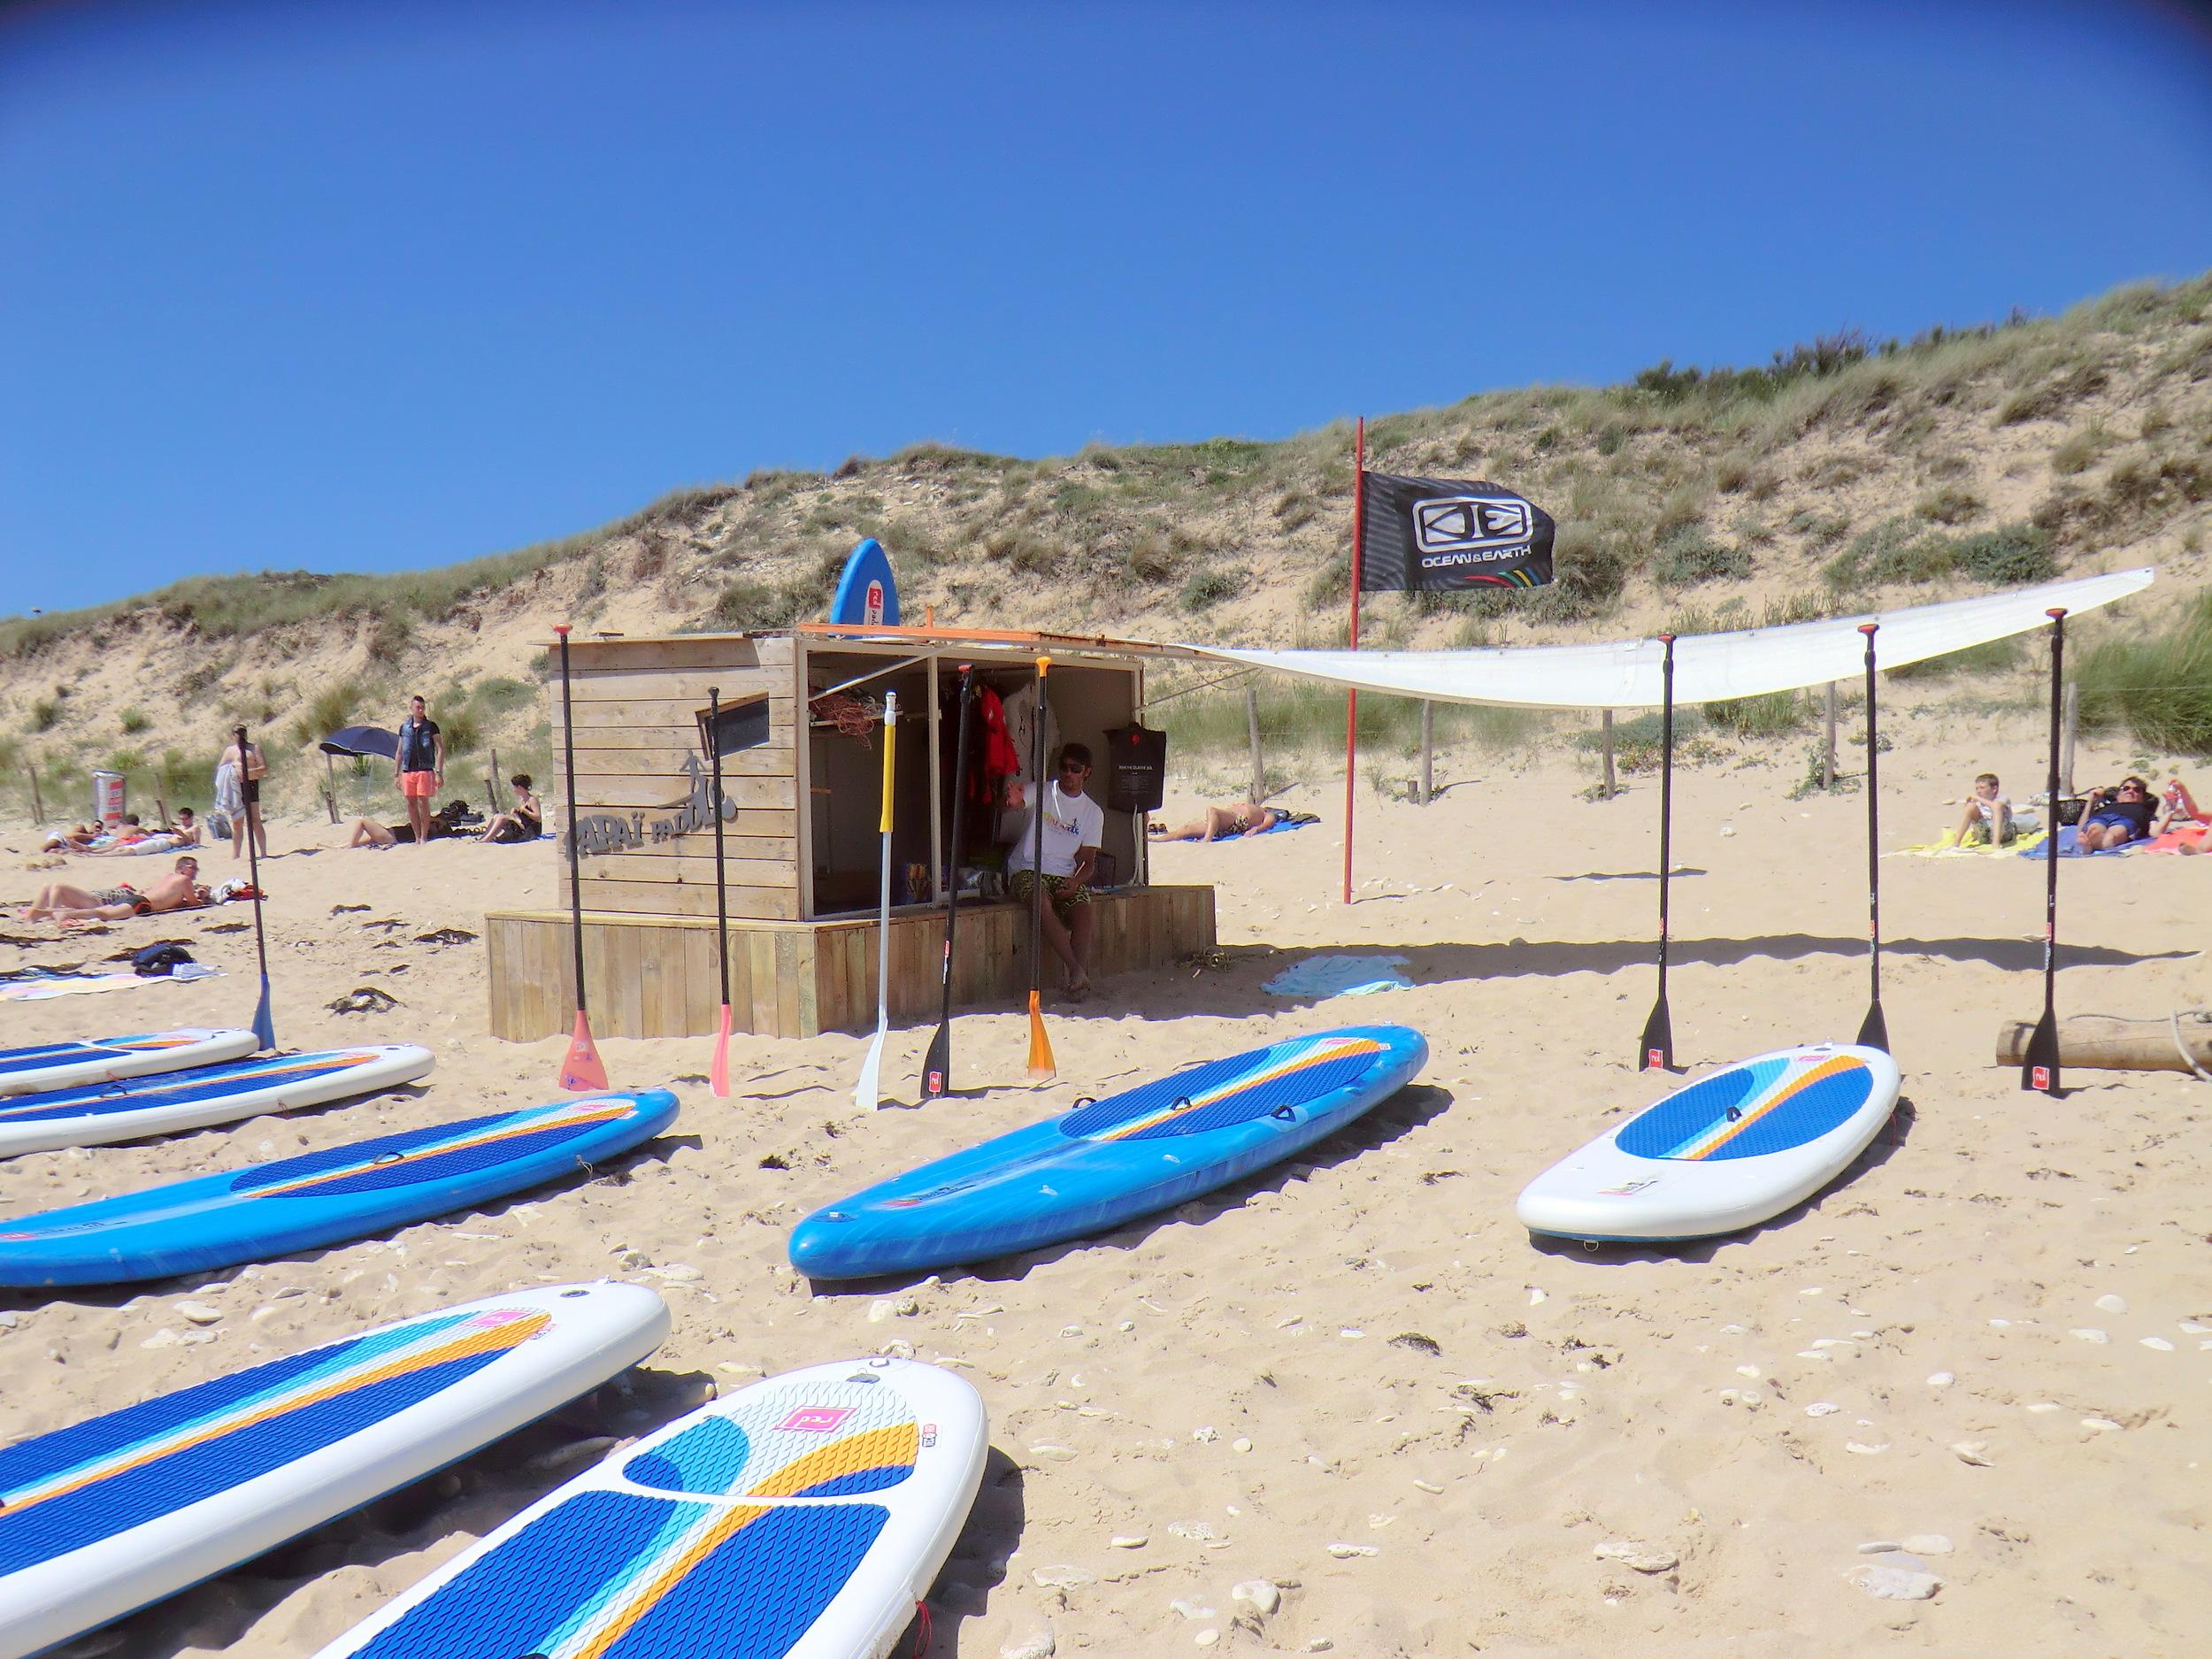 Papaï paddle école de Stand up Paddle Ile de Ré. Plage des Gollandières au Bois plage en Ré.